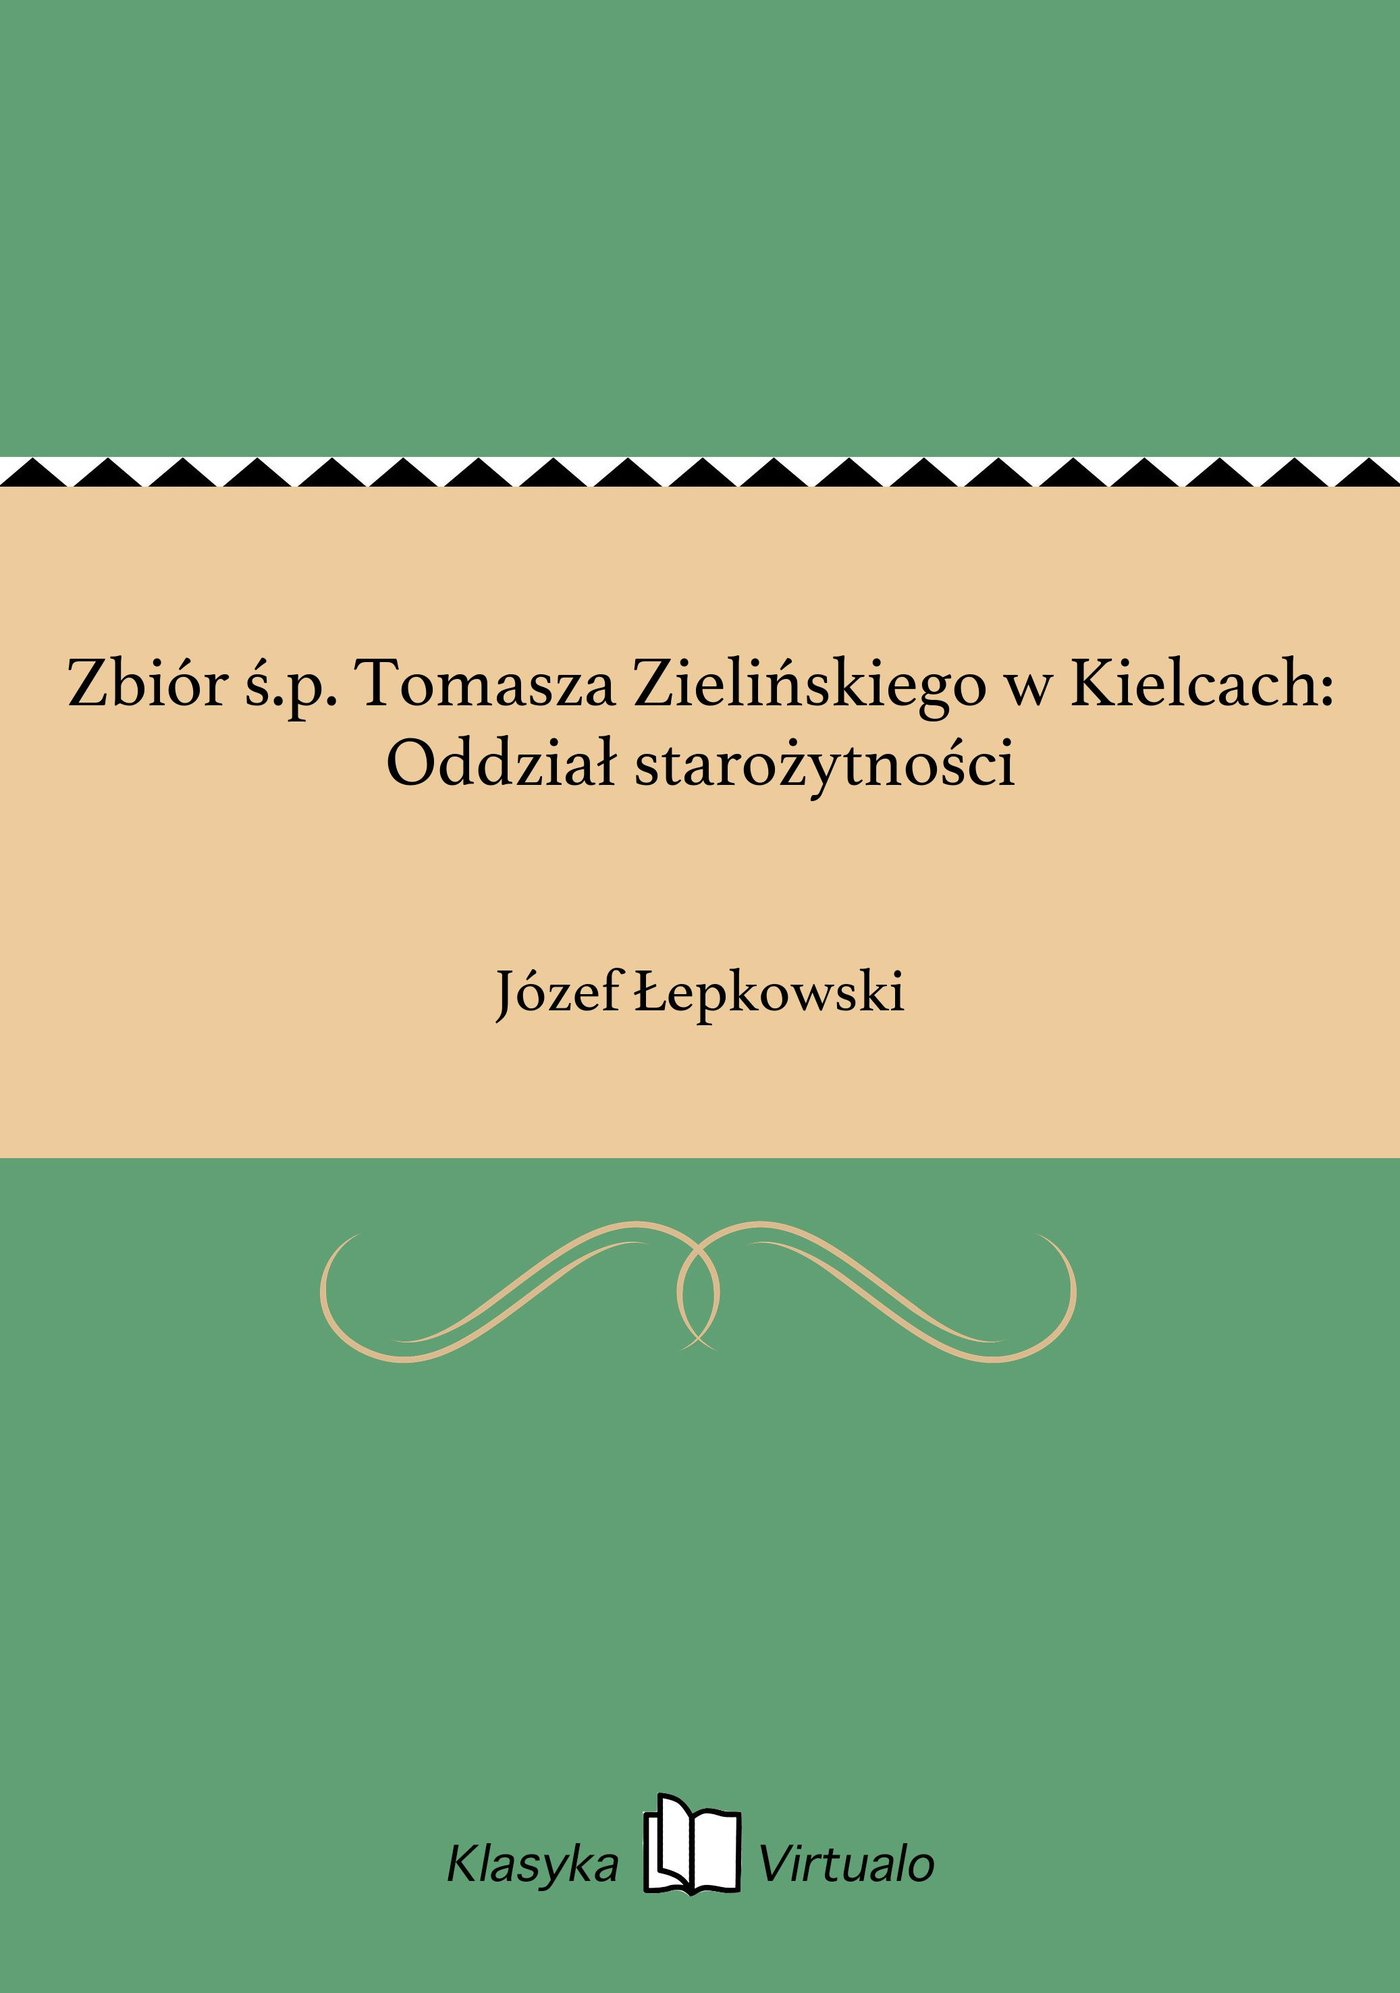 Zbiór ś.p. Tomasza Zielińskiego w Kielcach: Oddział starożytności - Ebook (Książka EPUB) do pobrania w formacie EPUB